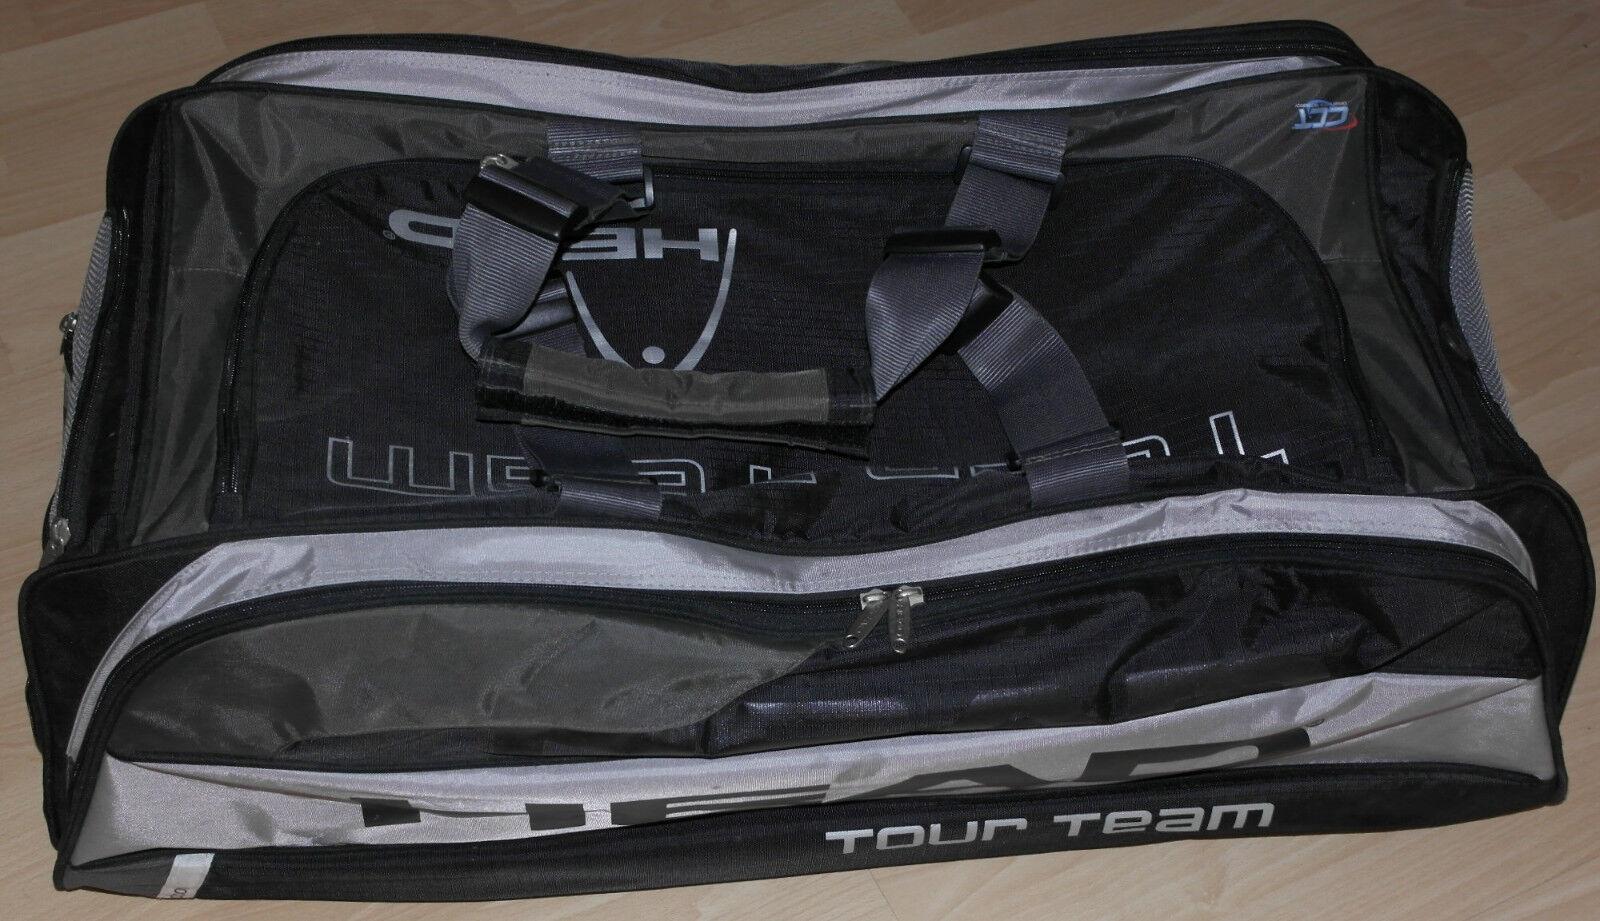 Head CCT Universel Sport géant sac Travel Bag 120 L verstärtkte porte ceintures